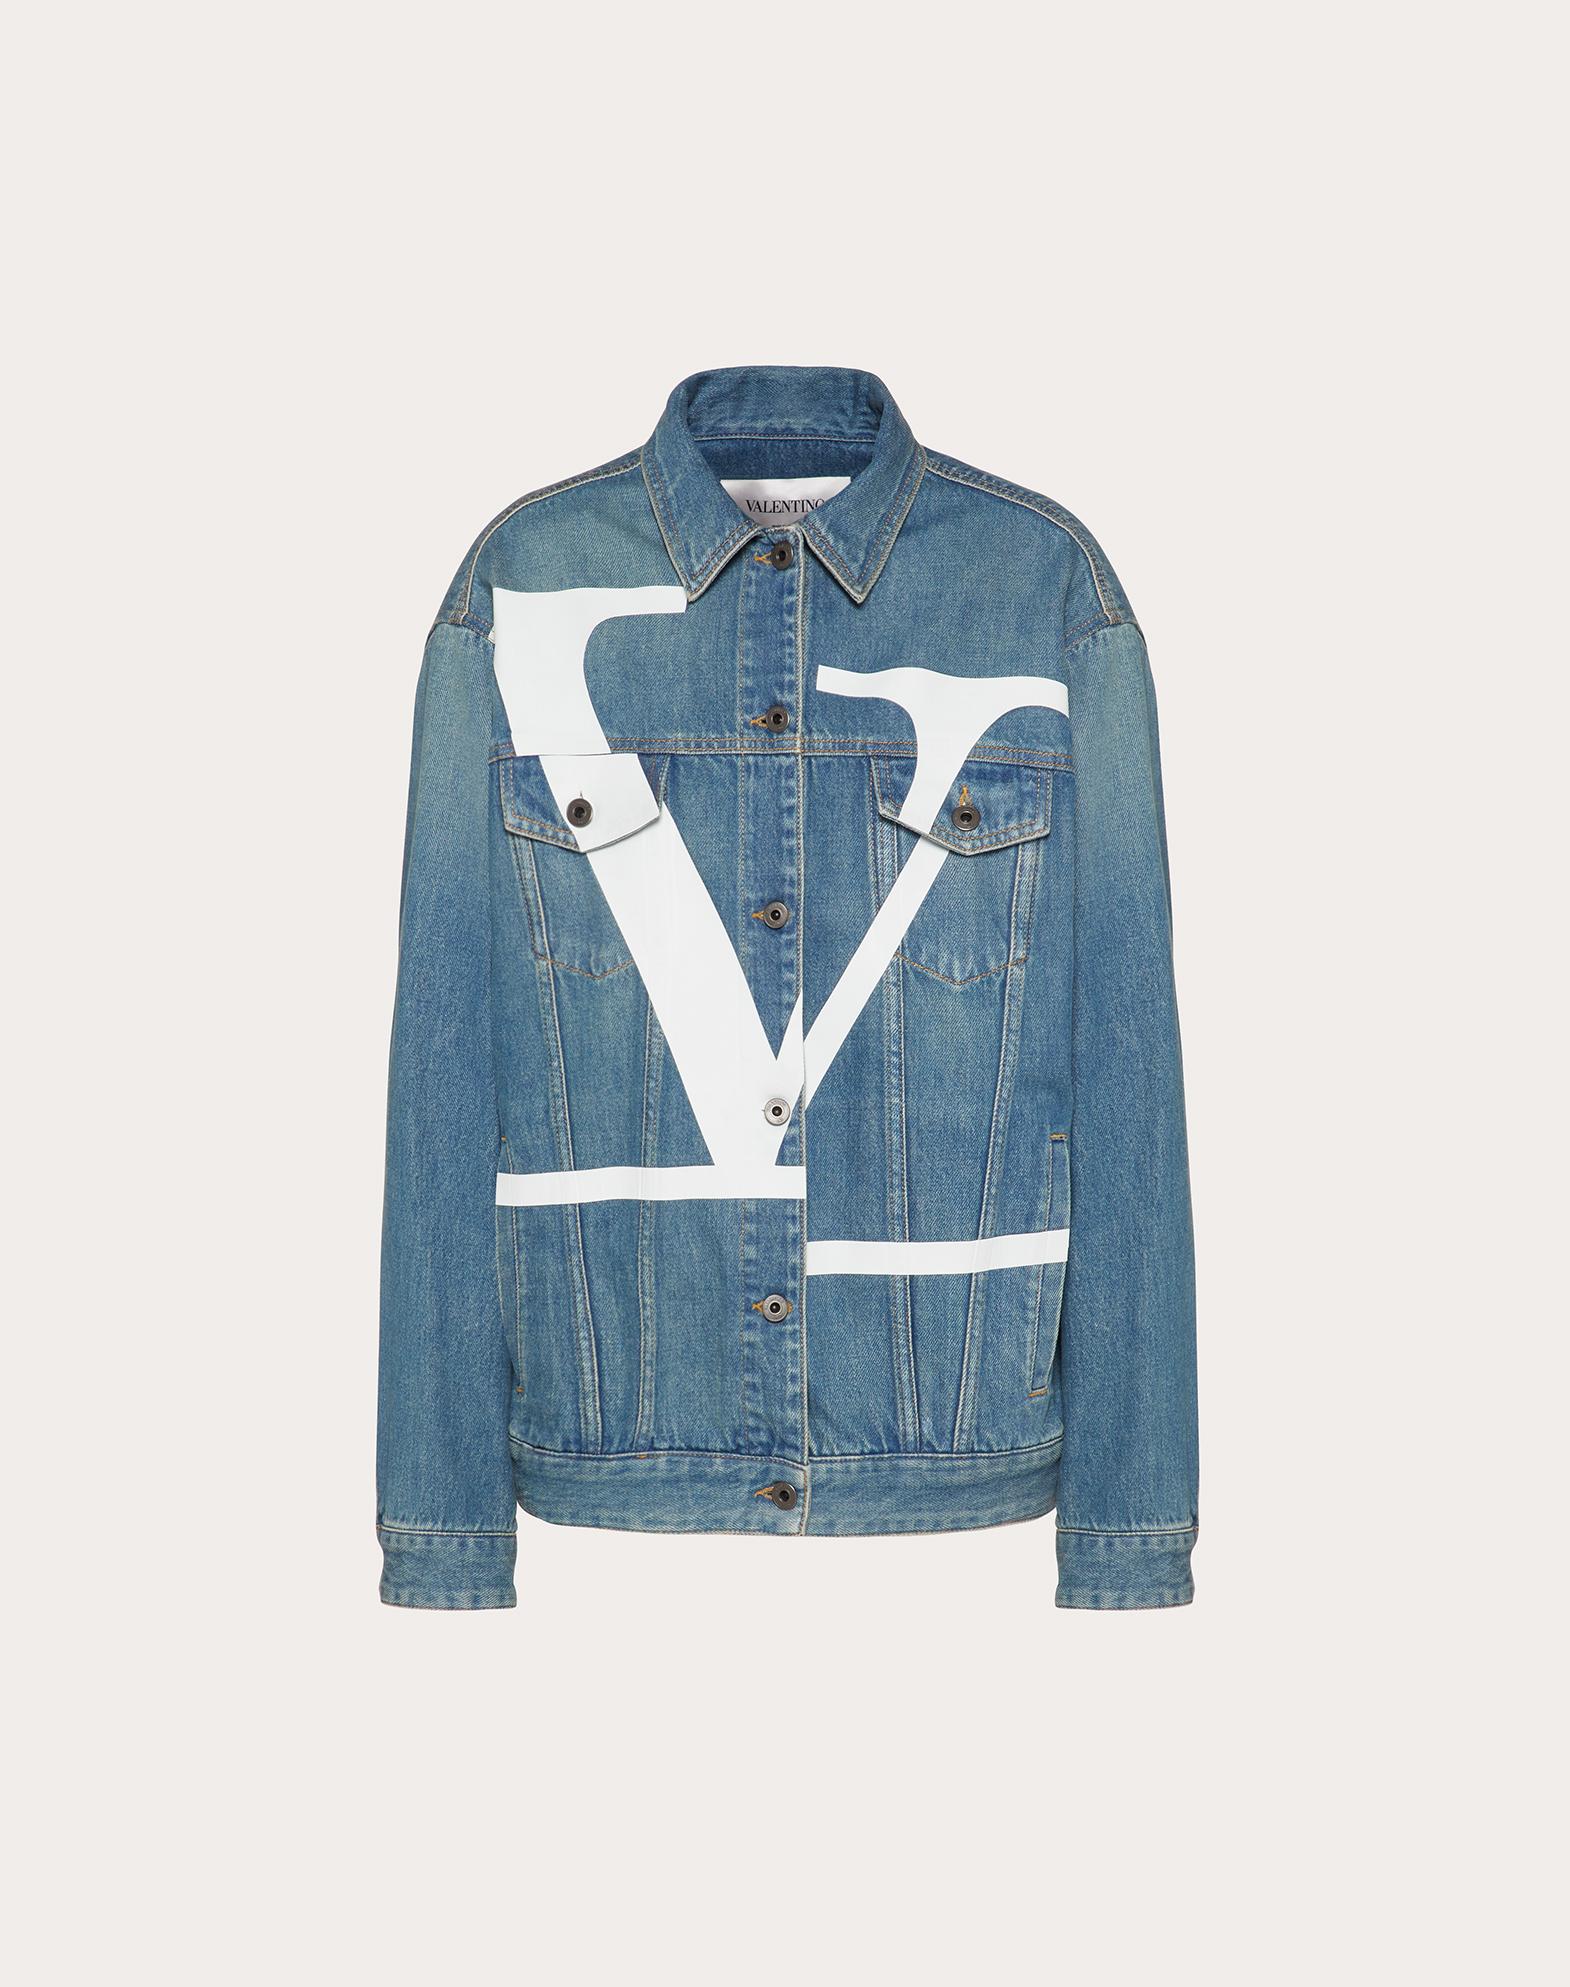 Deconstructed VLOGO Blue Denim Jacket